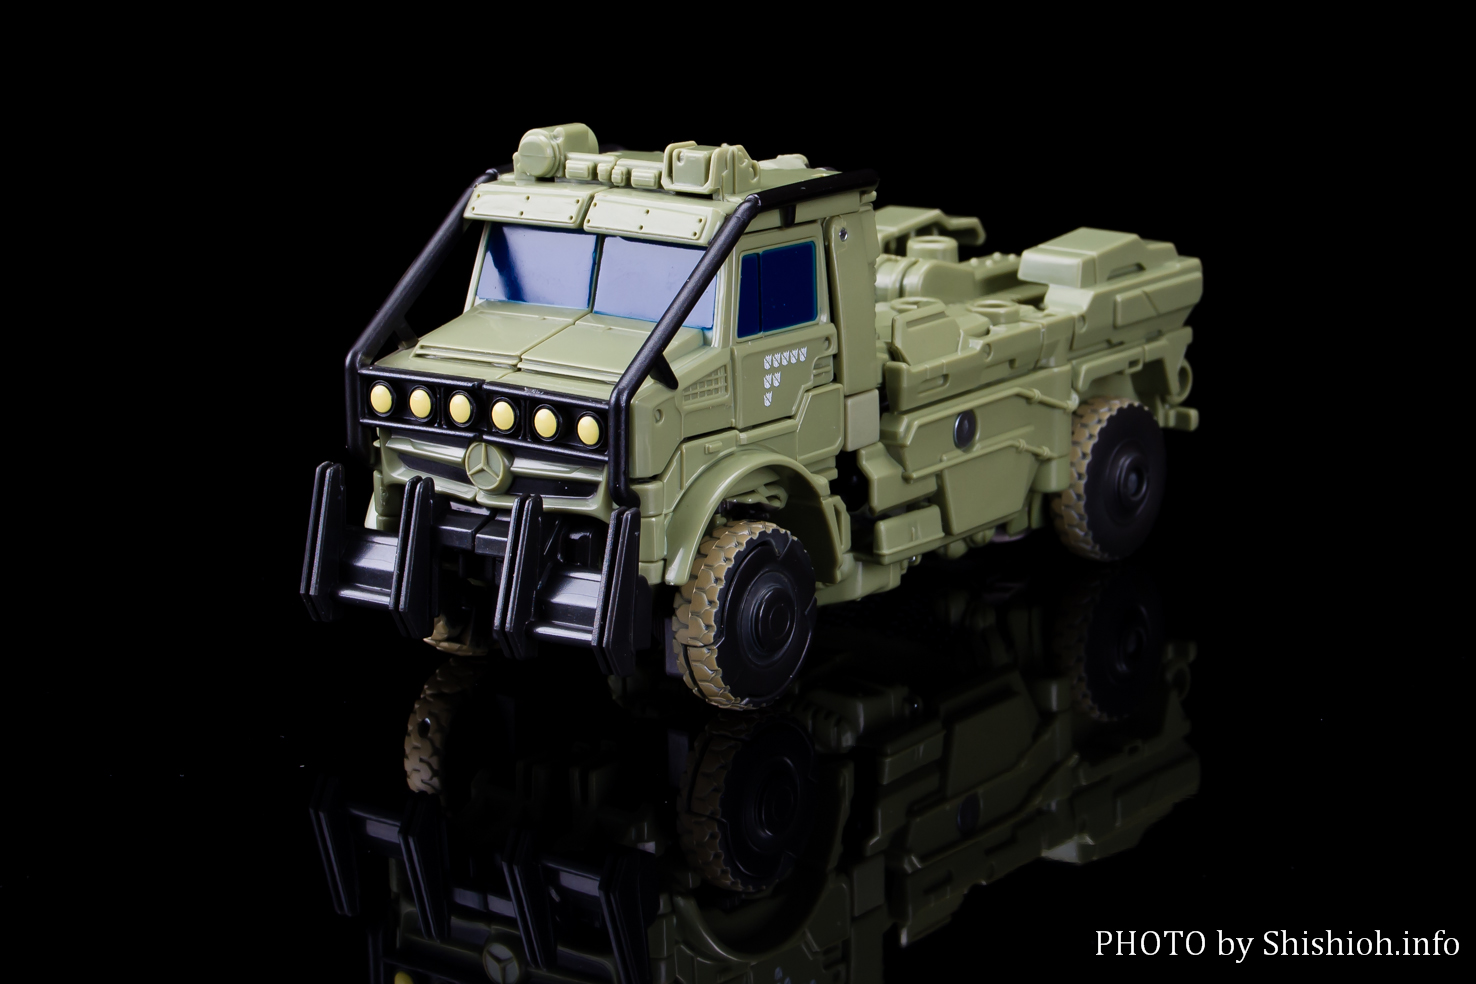 トランスフォーマームービー TLK-14 オートボットハウンド